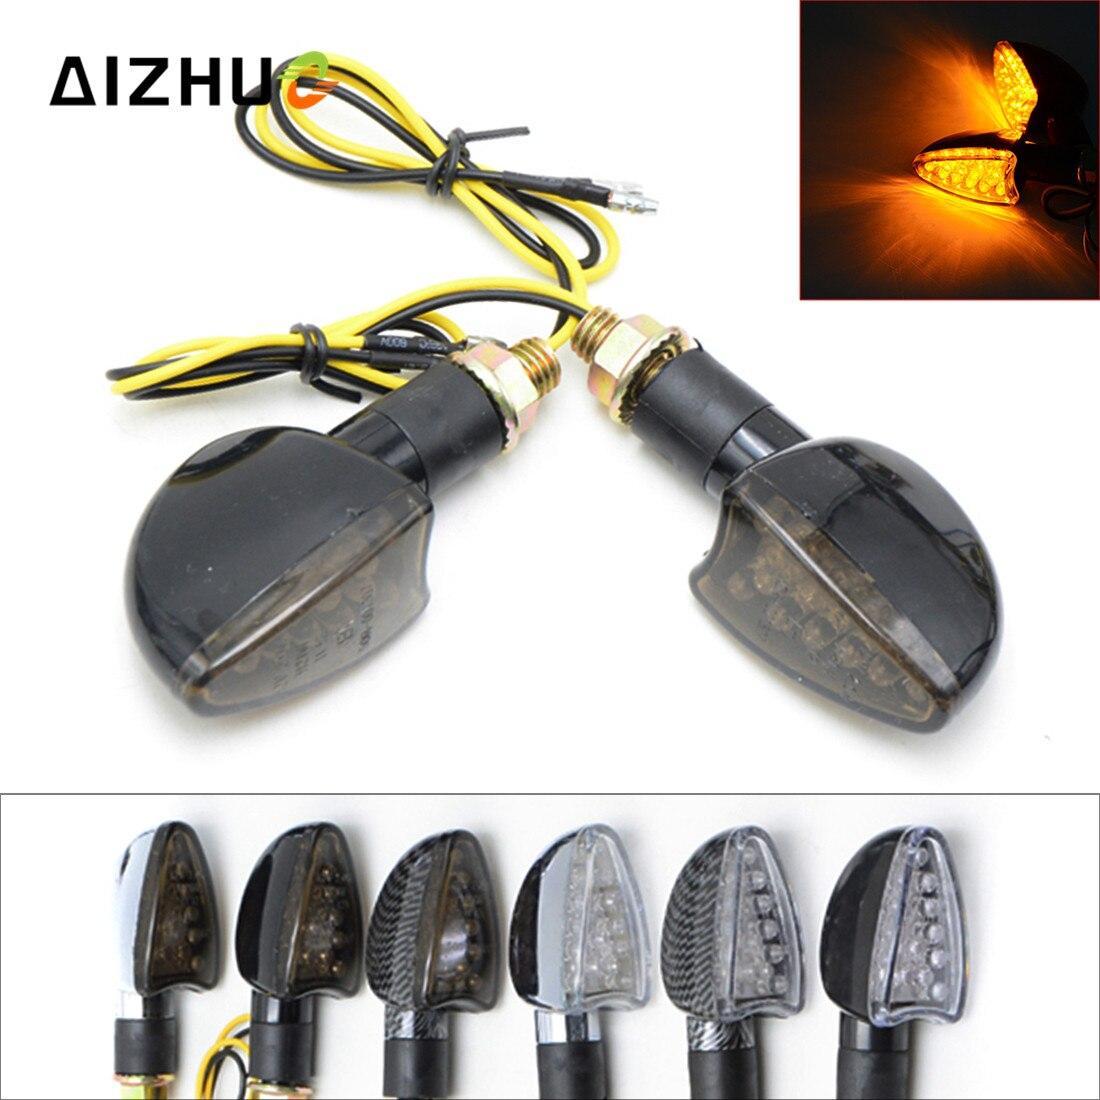 Moto Accessoires LED Clignotant Clignotants POUR bmw k1200r f650 kawasaki zx9r zx7r zx12r suzuki intruder 800 cb500x